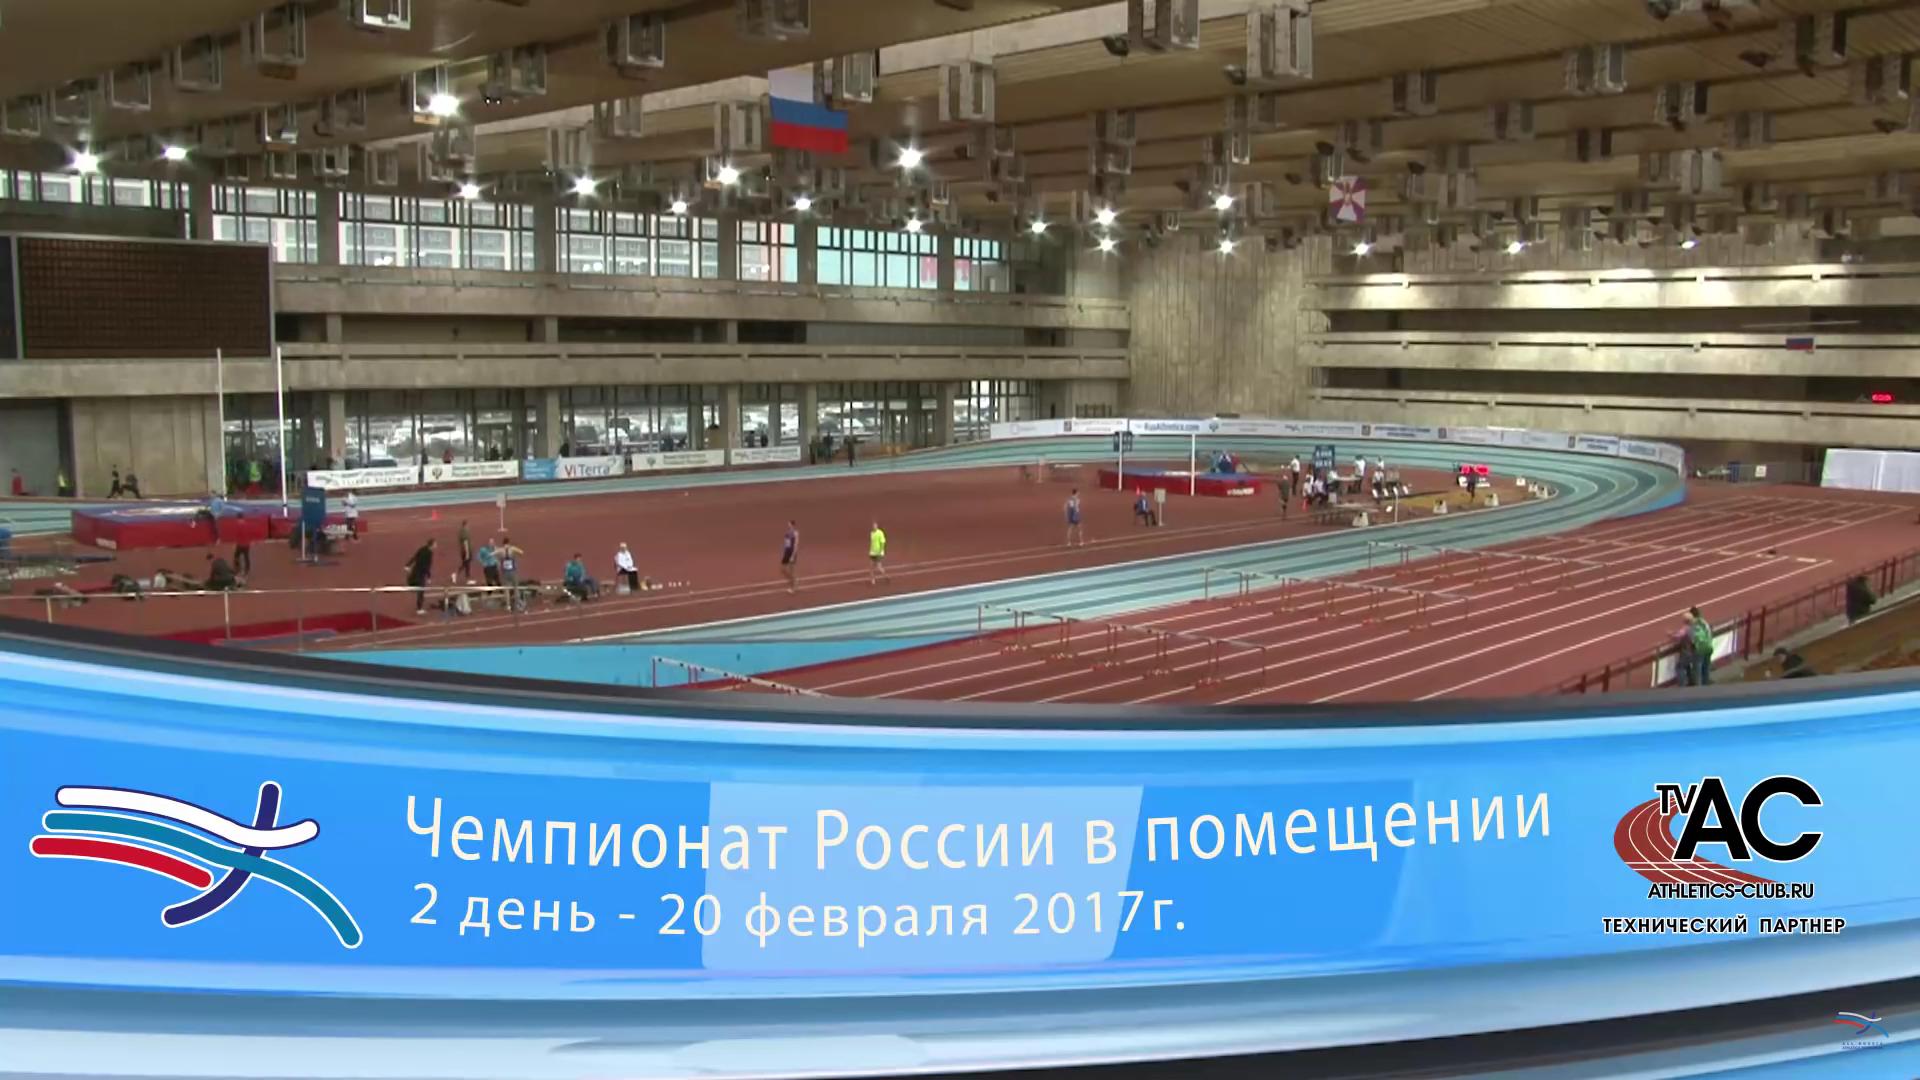 Así es el Campeonato Nacional de Rusia